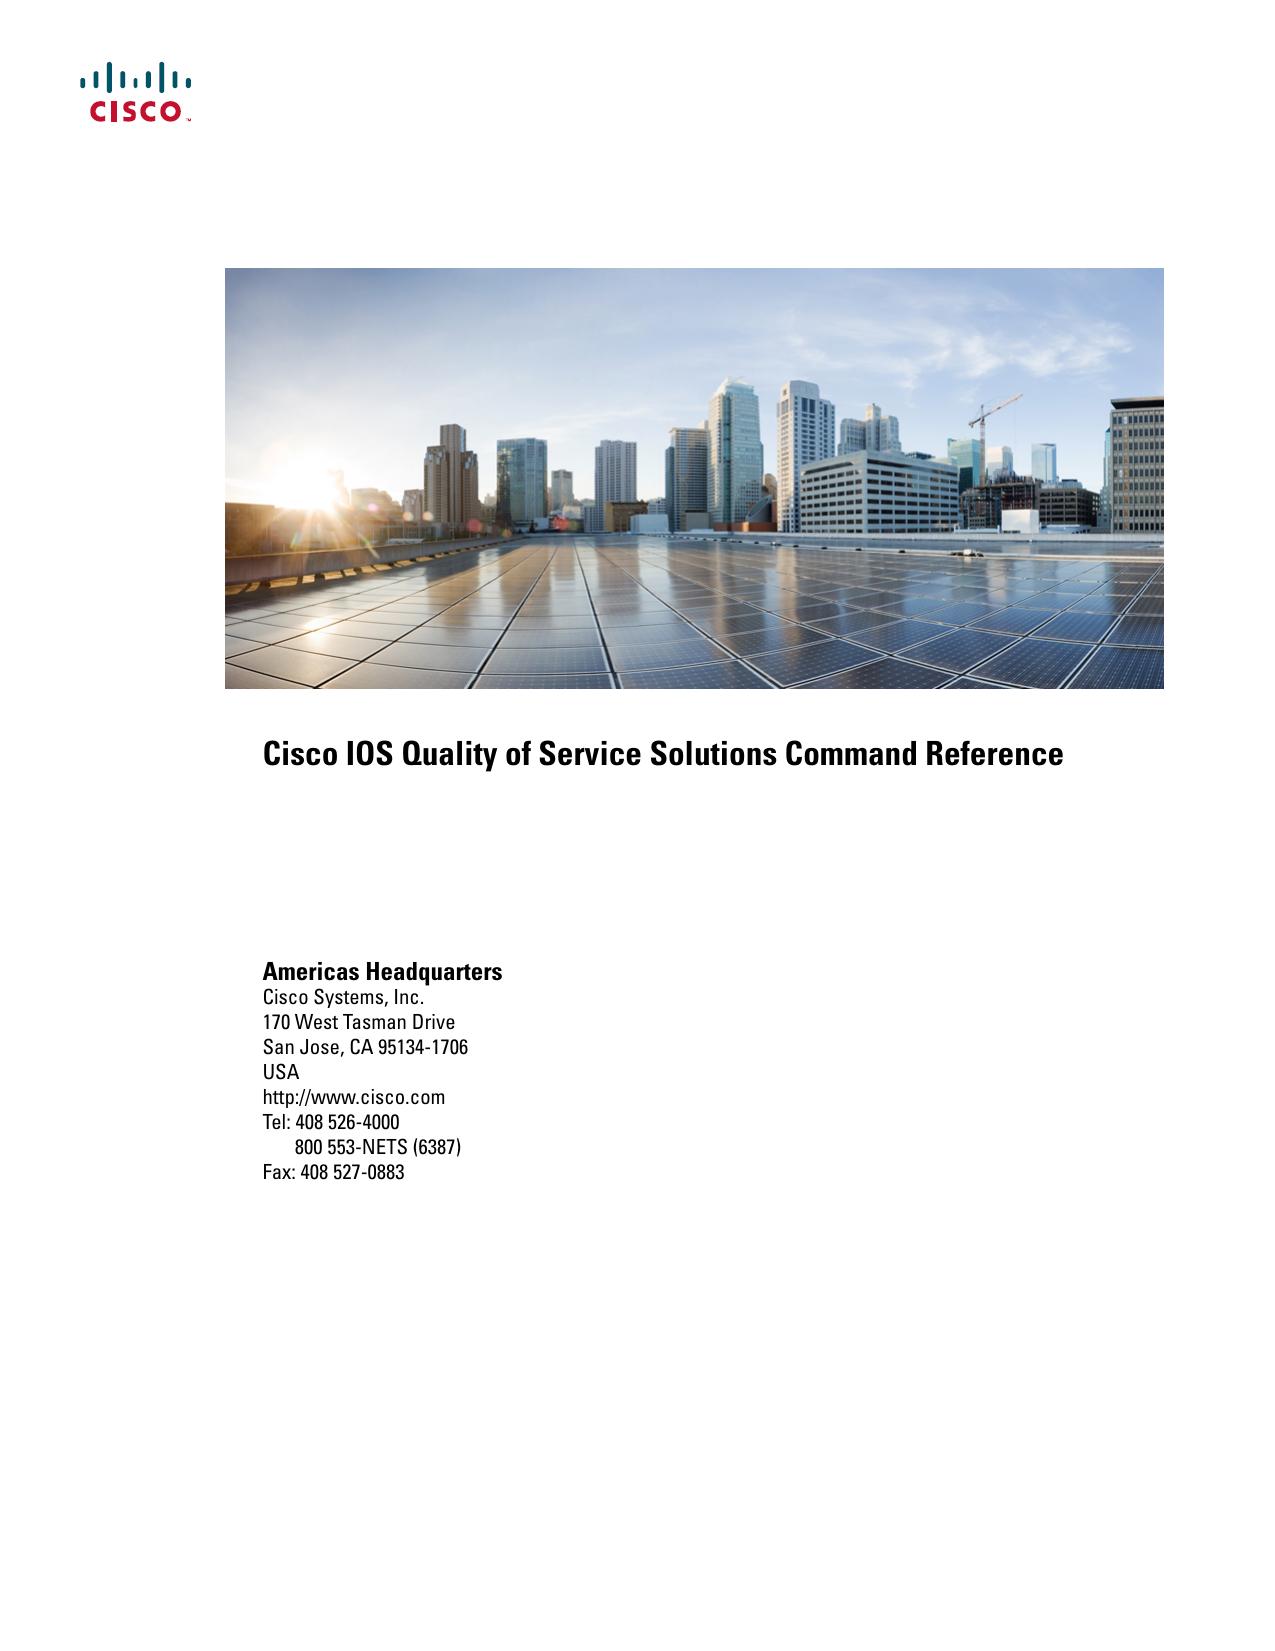 Cisco IOS Quality of Service Solutions Command Reference | manualzz com